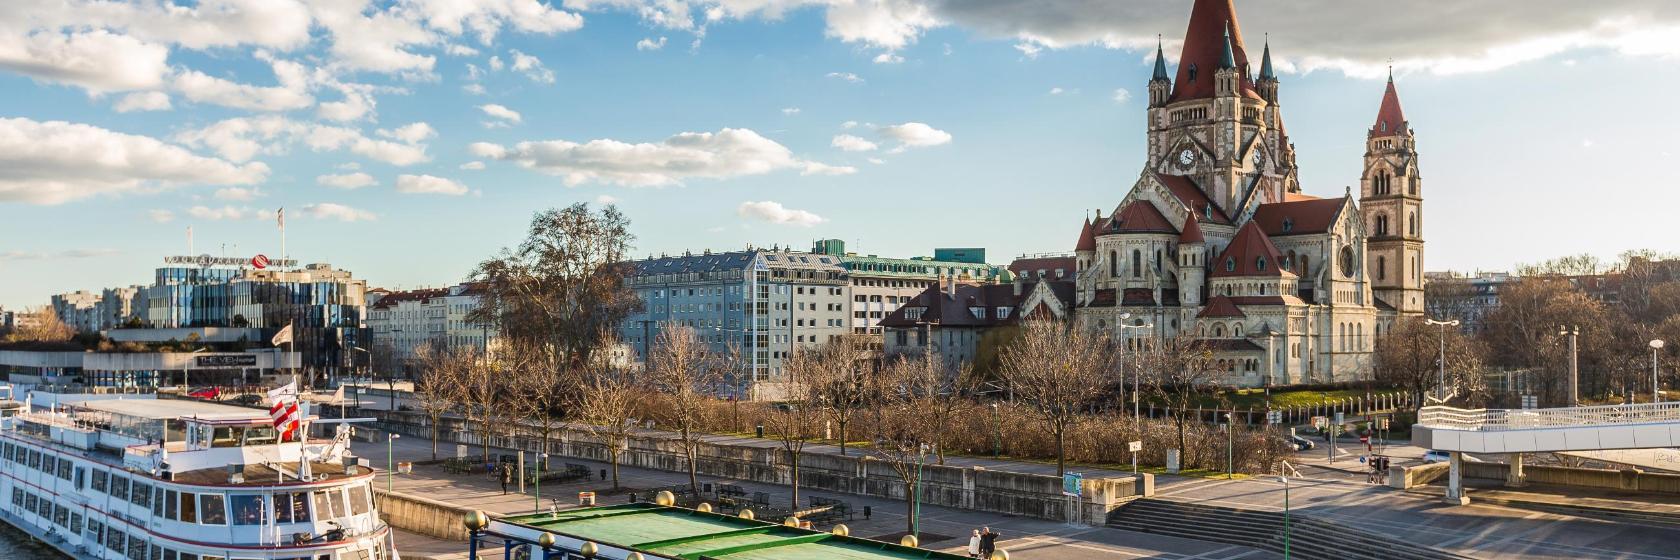 02. Leopoldstadt, Vienna Hotels